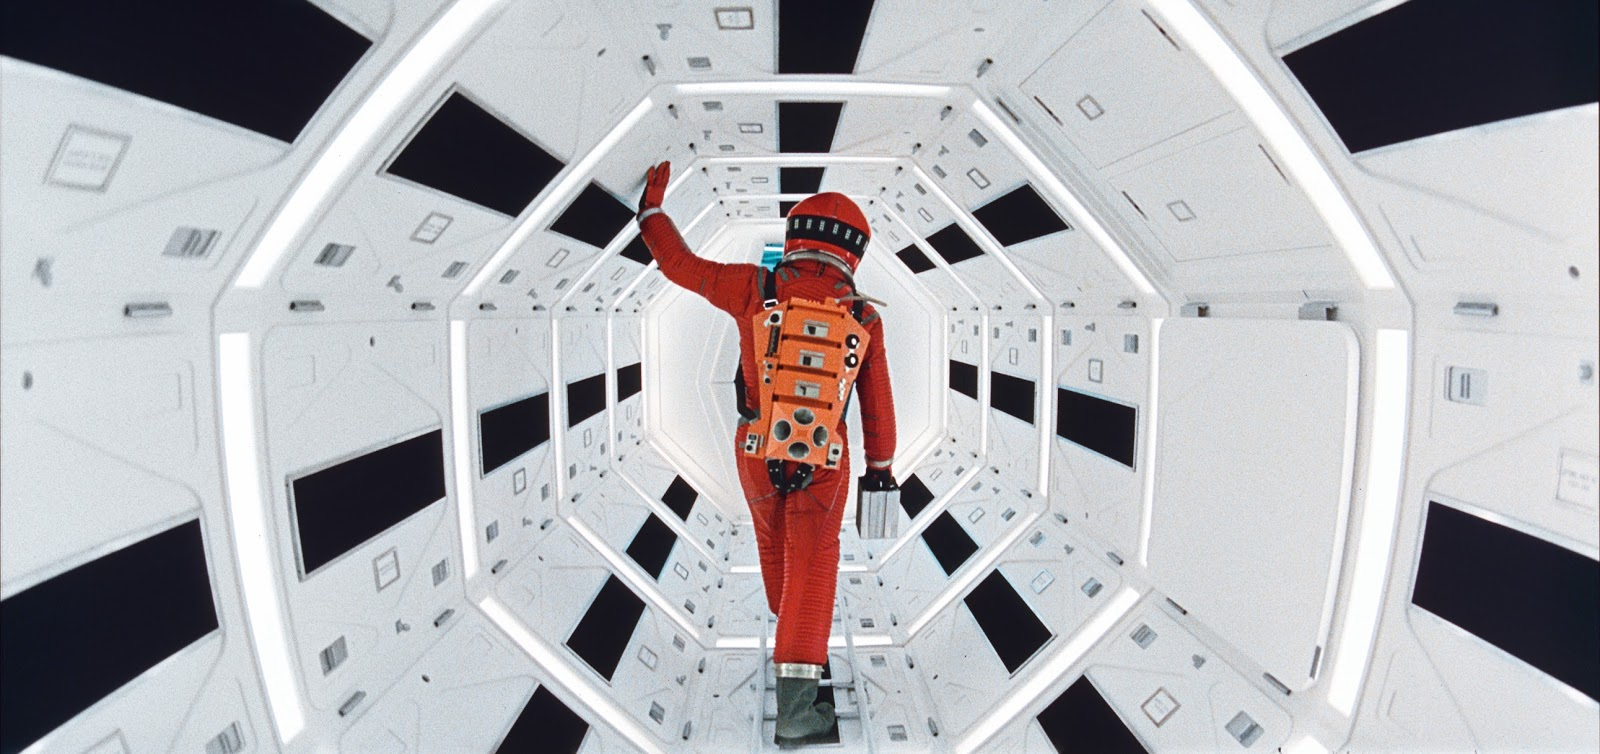 2001 Una odisea del espacio Stanley Kubrick 1968